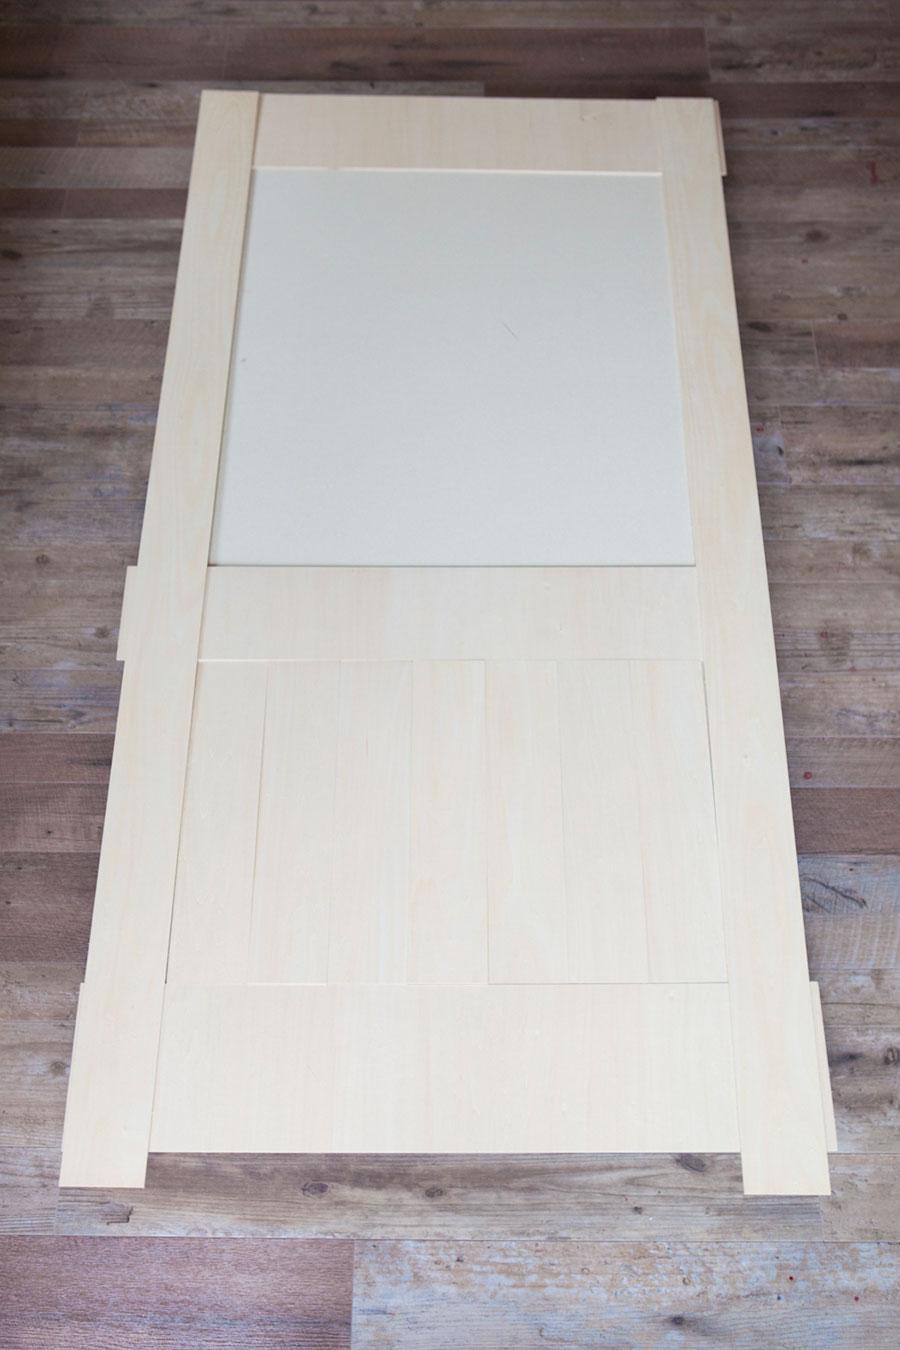 ドアにあしらう木を仮置きしてあたりをつける。取っ手の下部は板が縦に並ぶようデザイン。